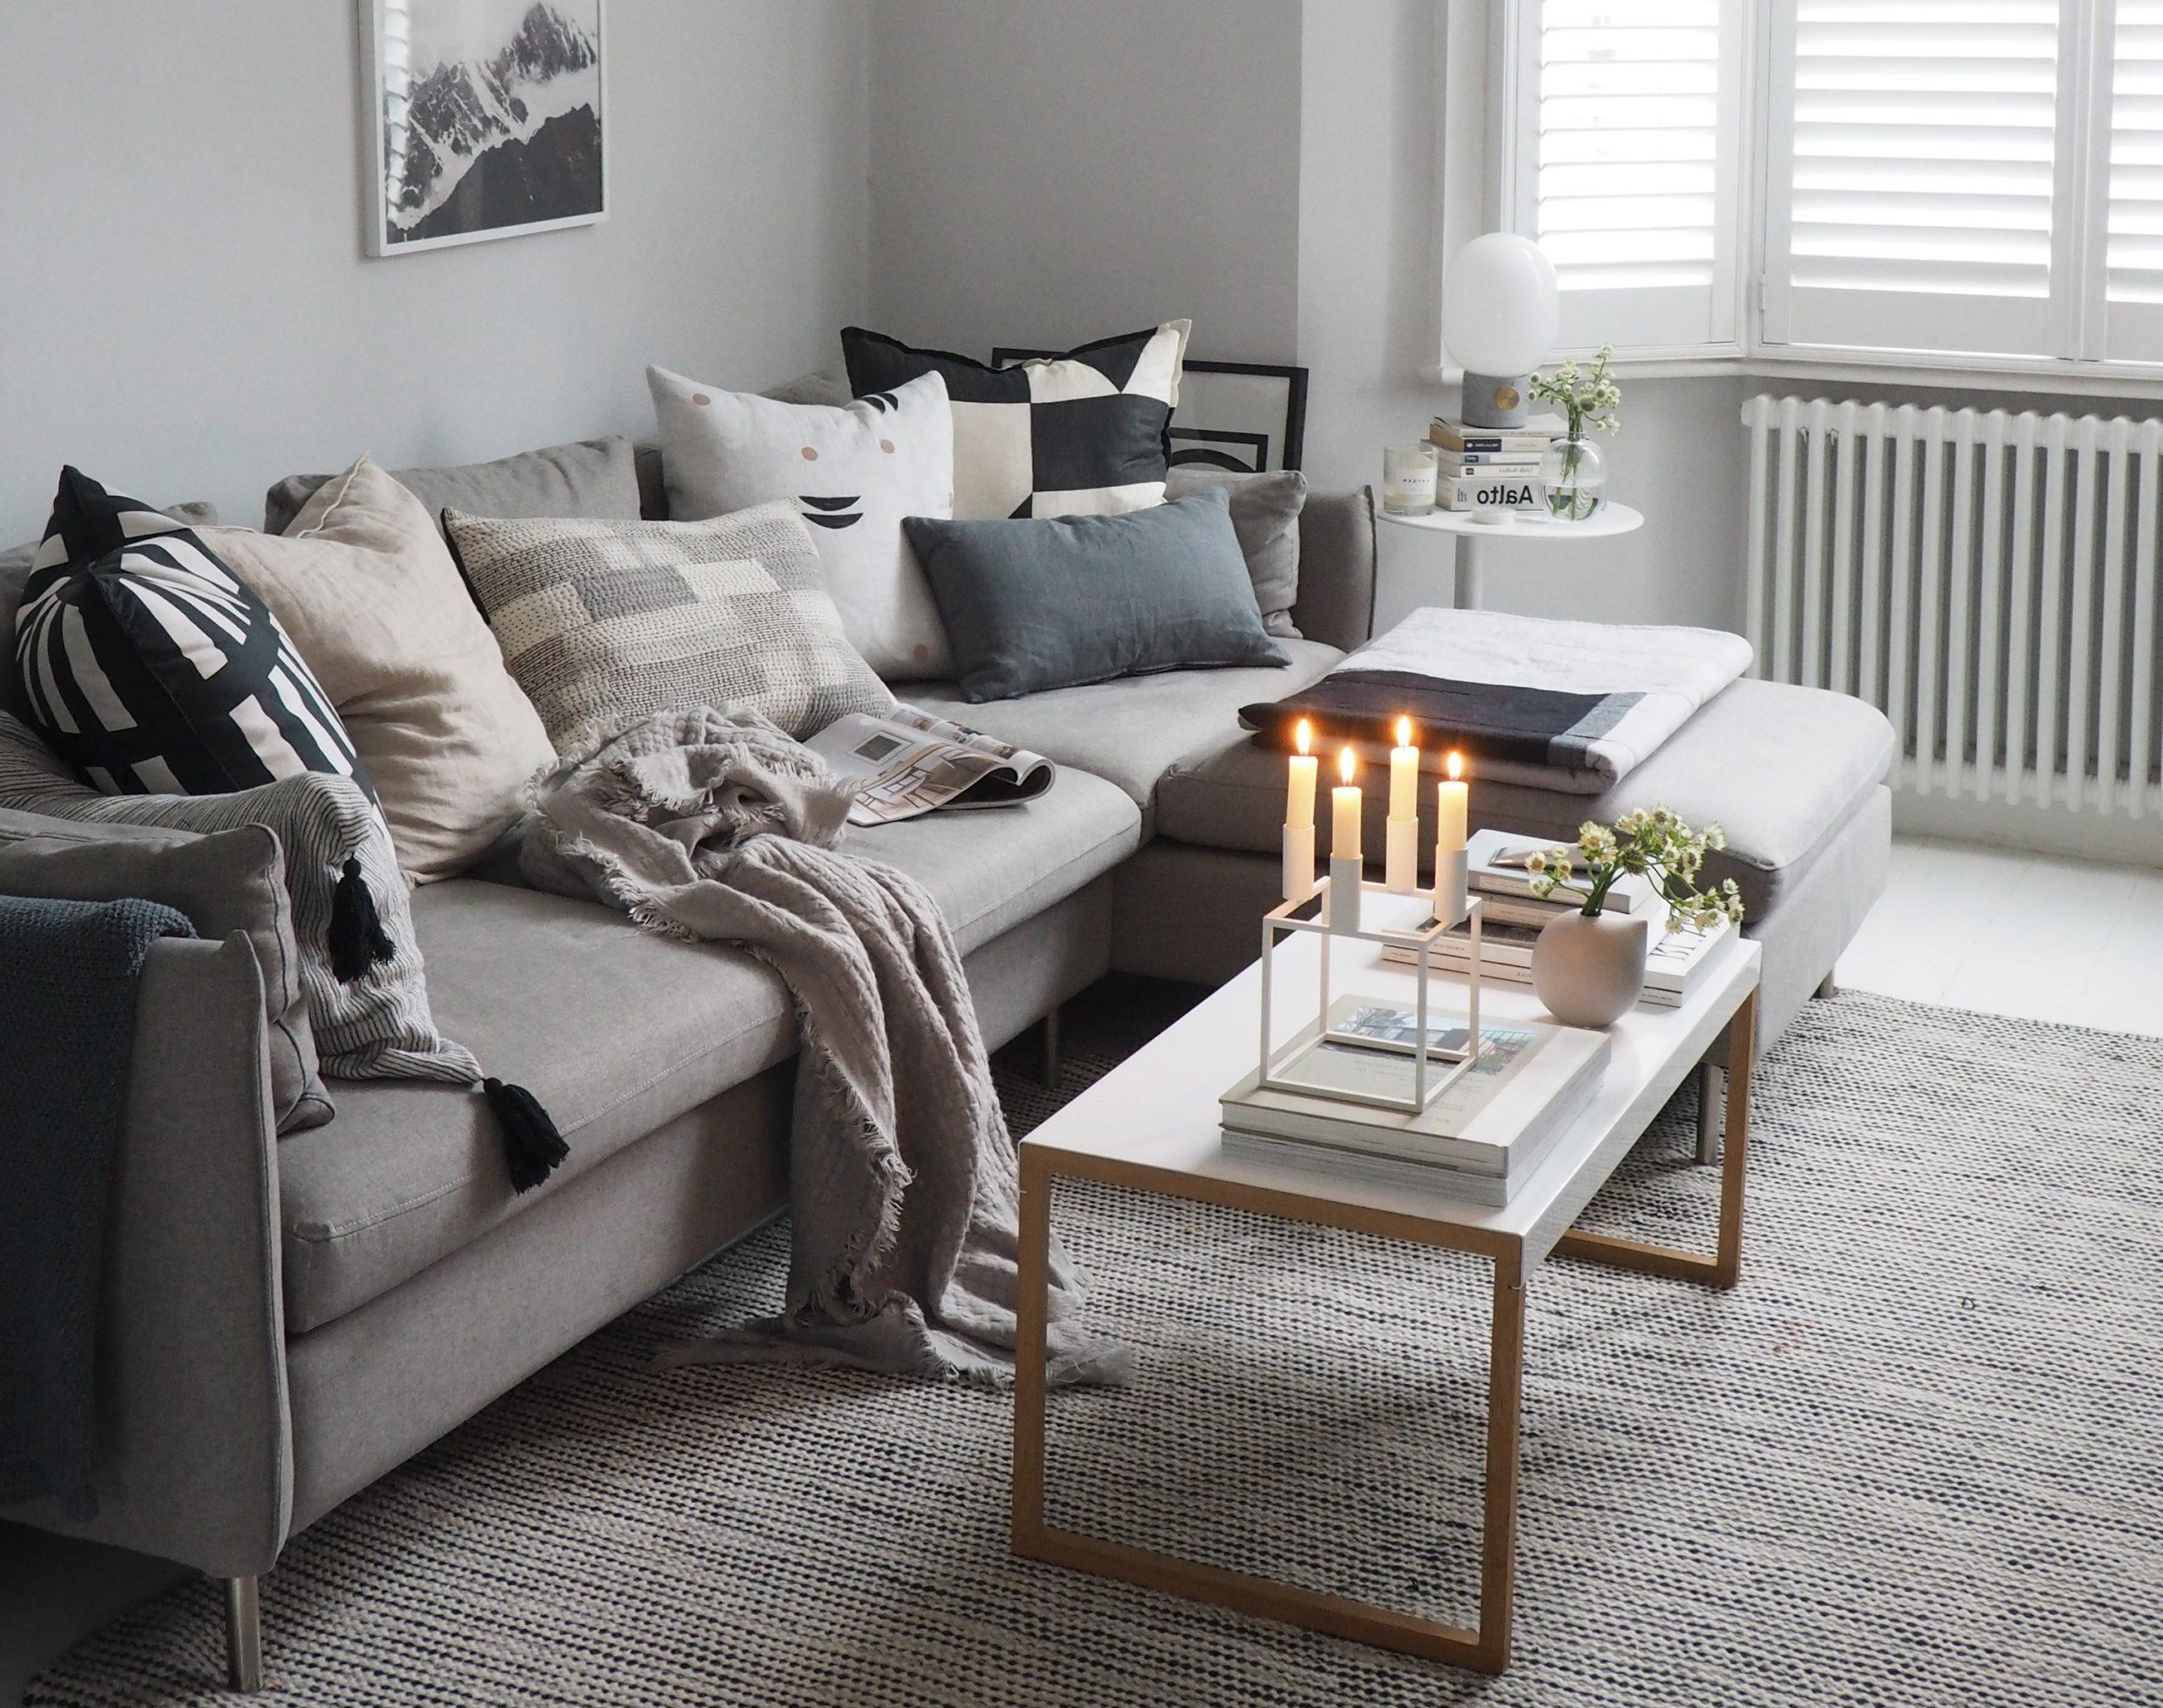 Salon chaleureux en 2020: ajoutez quelques mini plantes sur les tables basses et beaucoup d'oreillers sur le canapé.